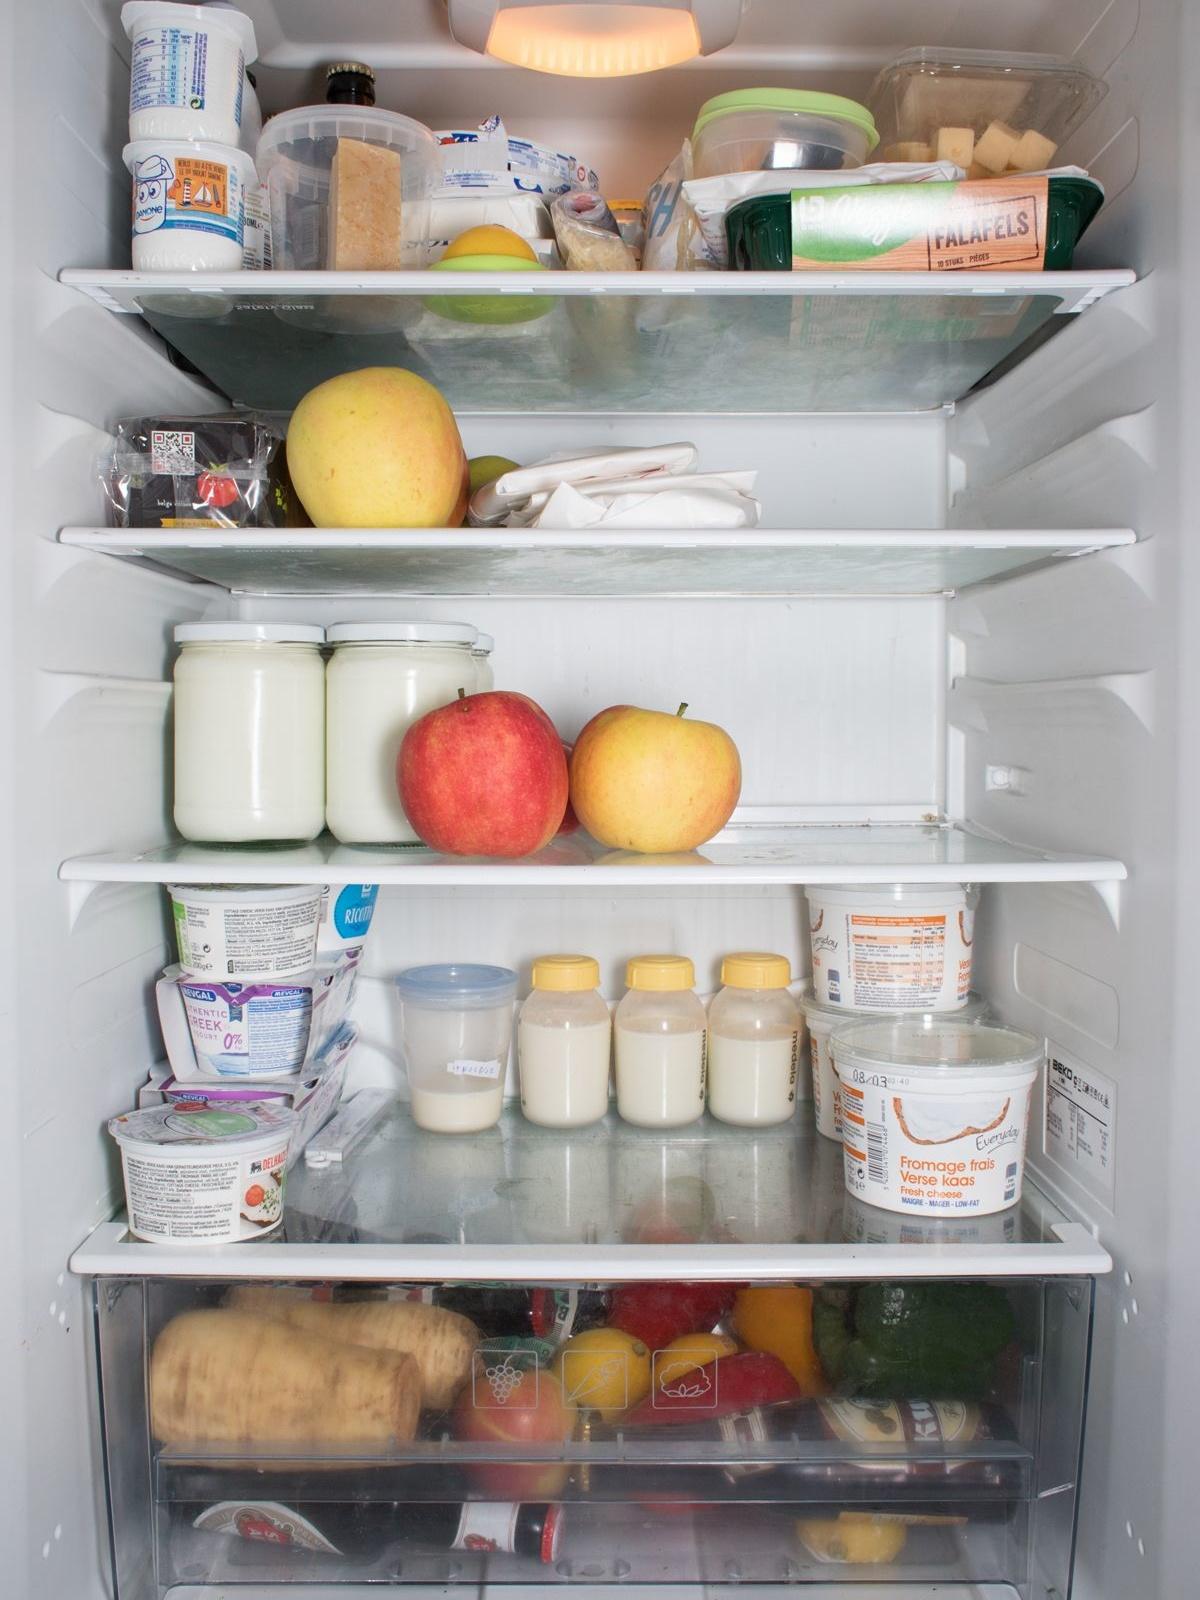 De koelkast van een gezin van drie personen, Flor Maesen, Martha T'Hooft & Tim Theo Deceuninck